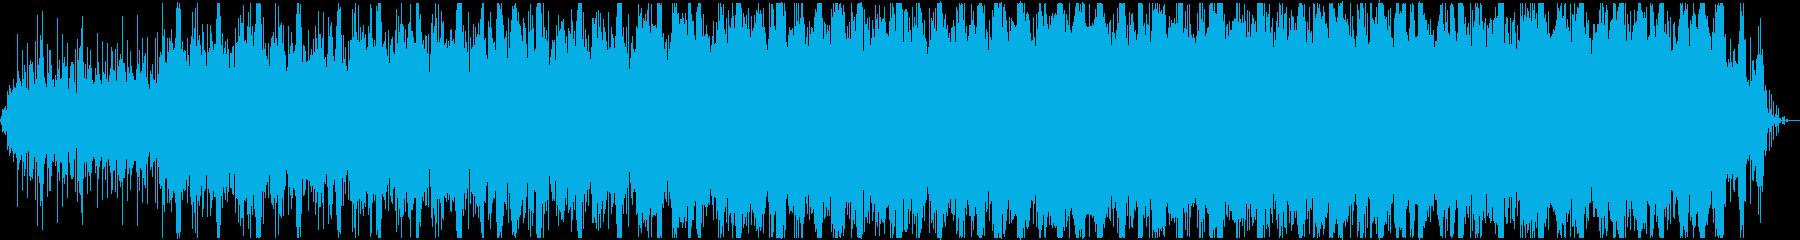 雨音と電子音のエレクトロ・アンビエントの再生済みの波形